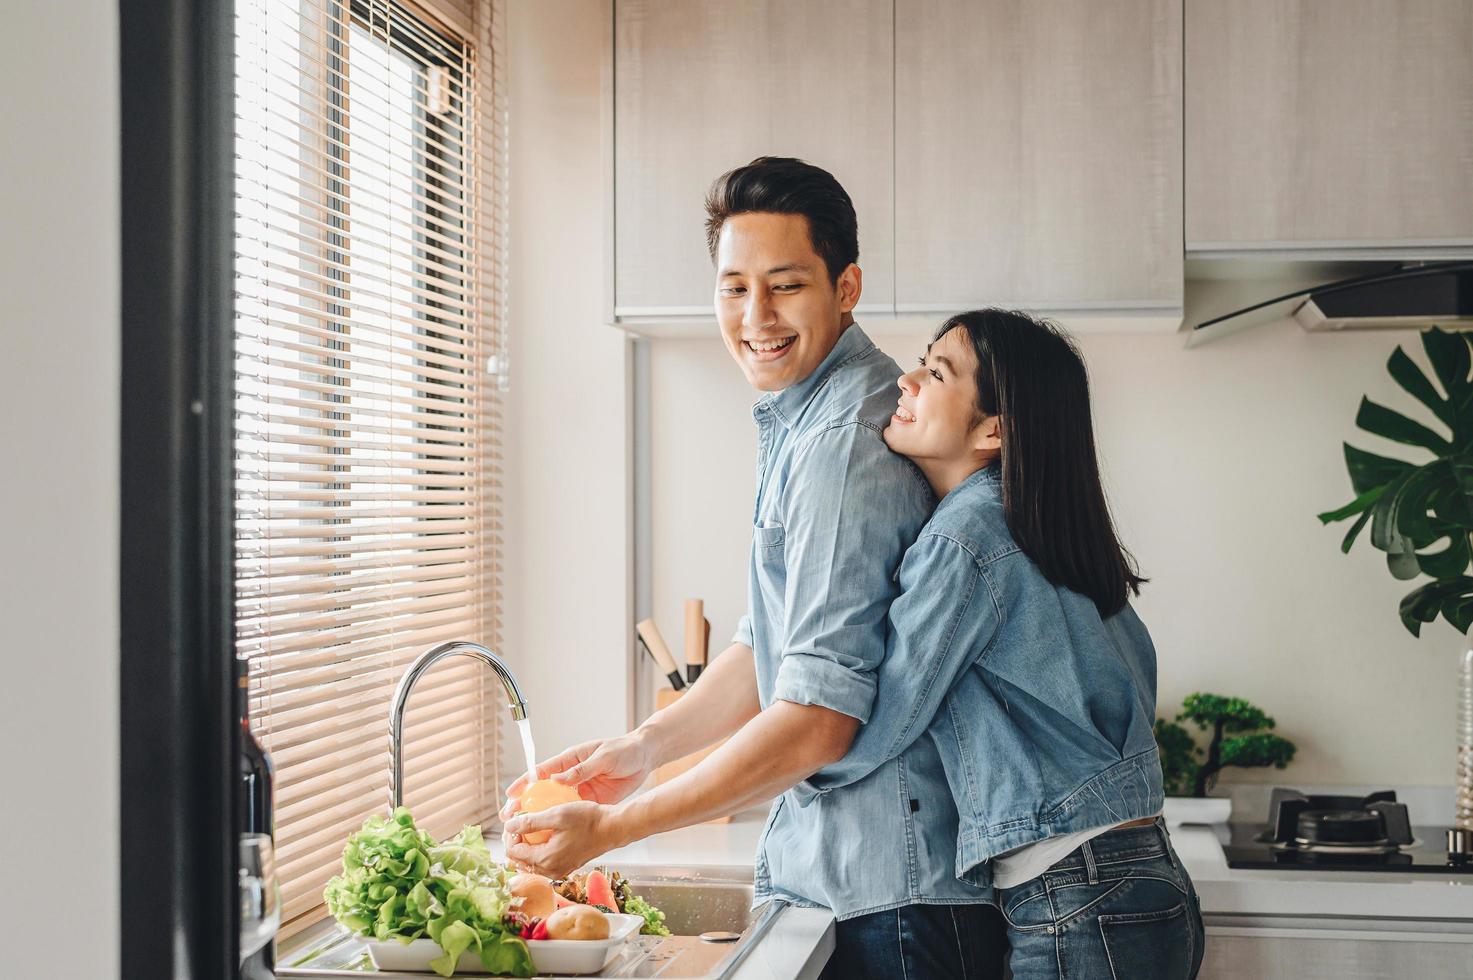 asiatisches Paar, das Gemüse am Spülbecken wäscht foto